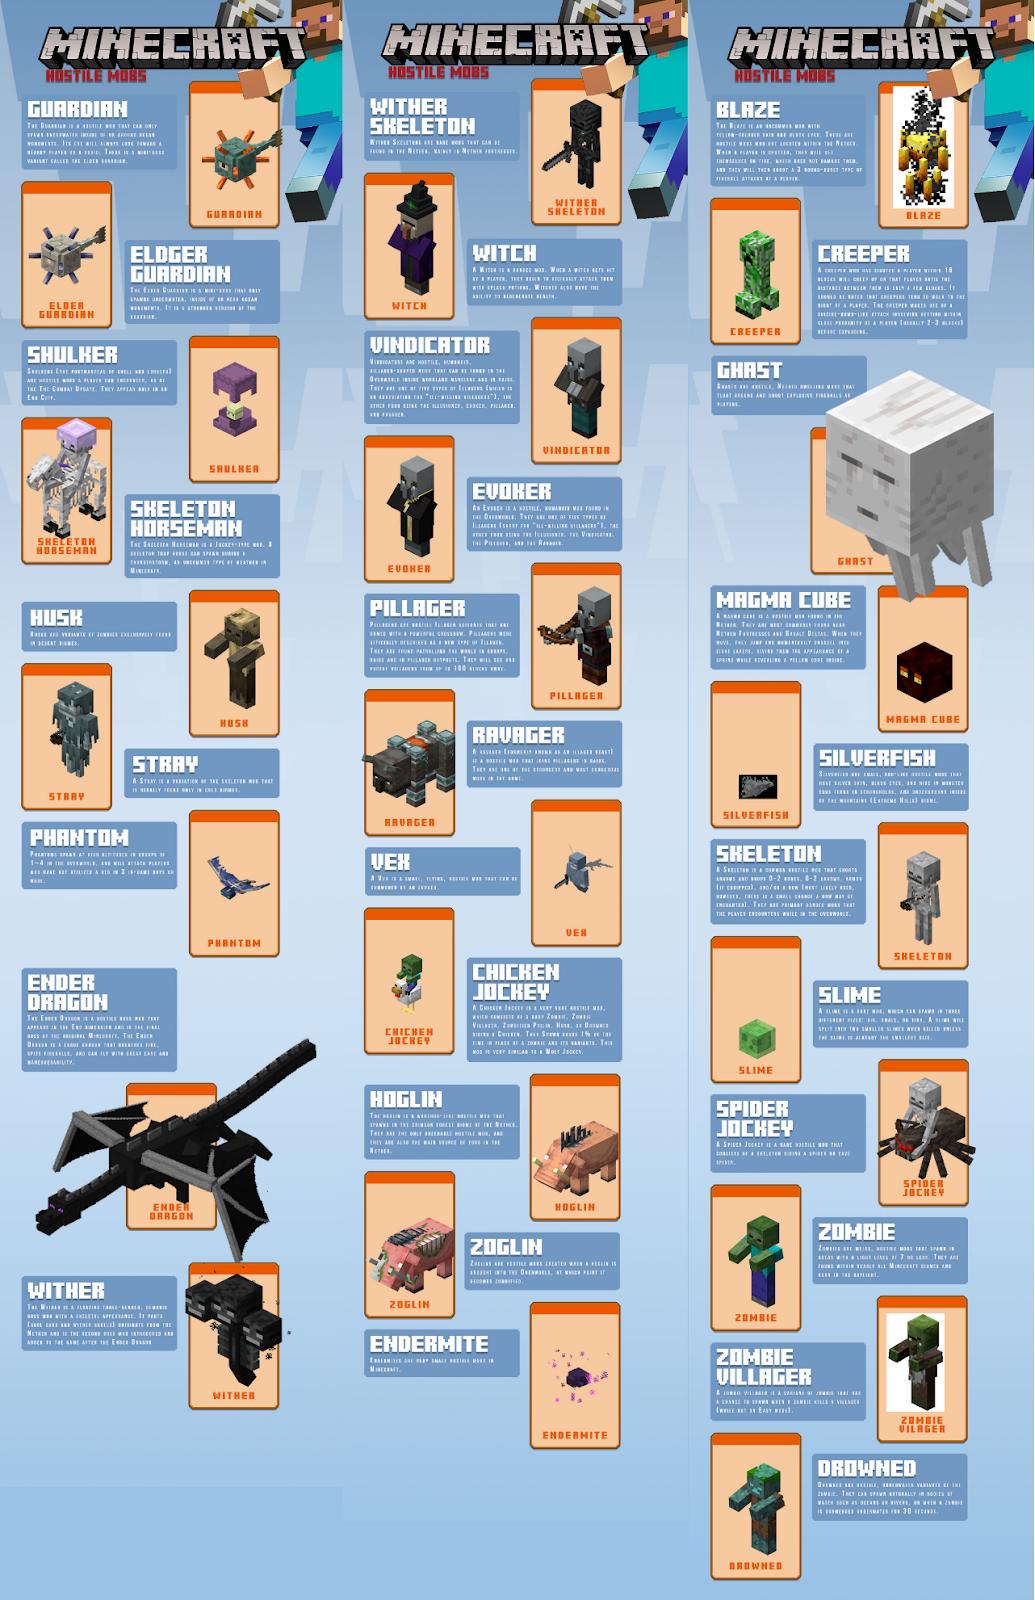 minecraft hostile mobs wiki infographic